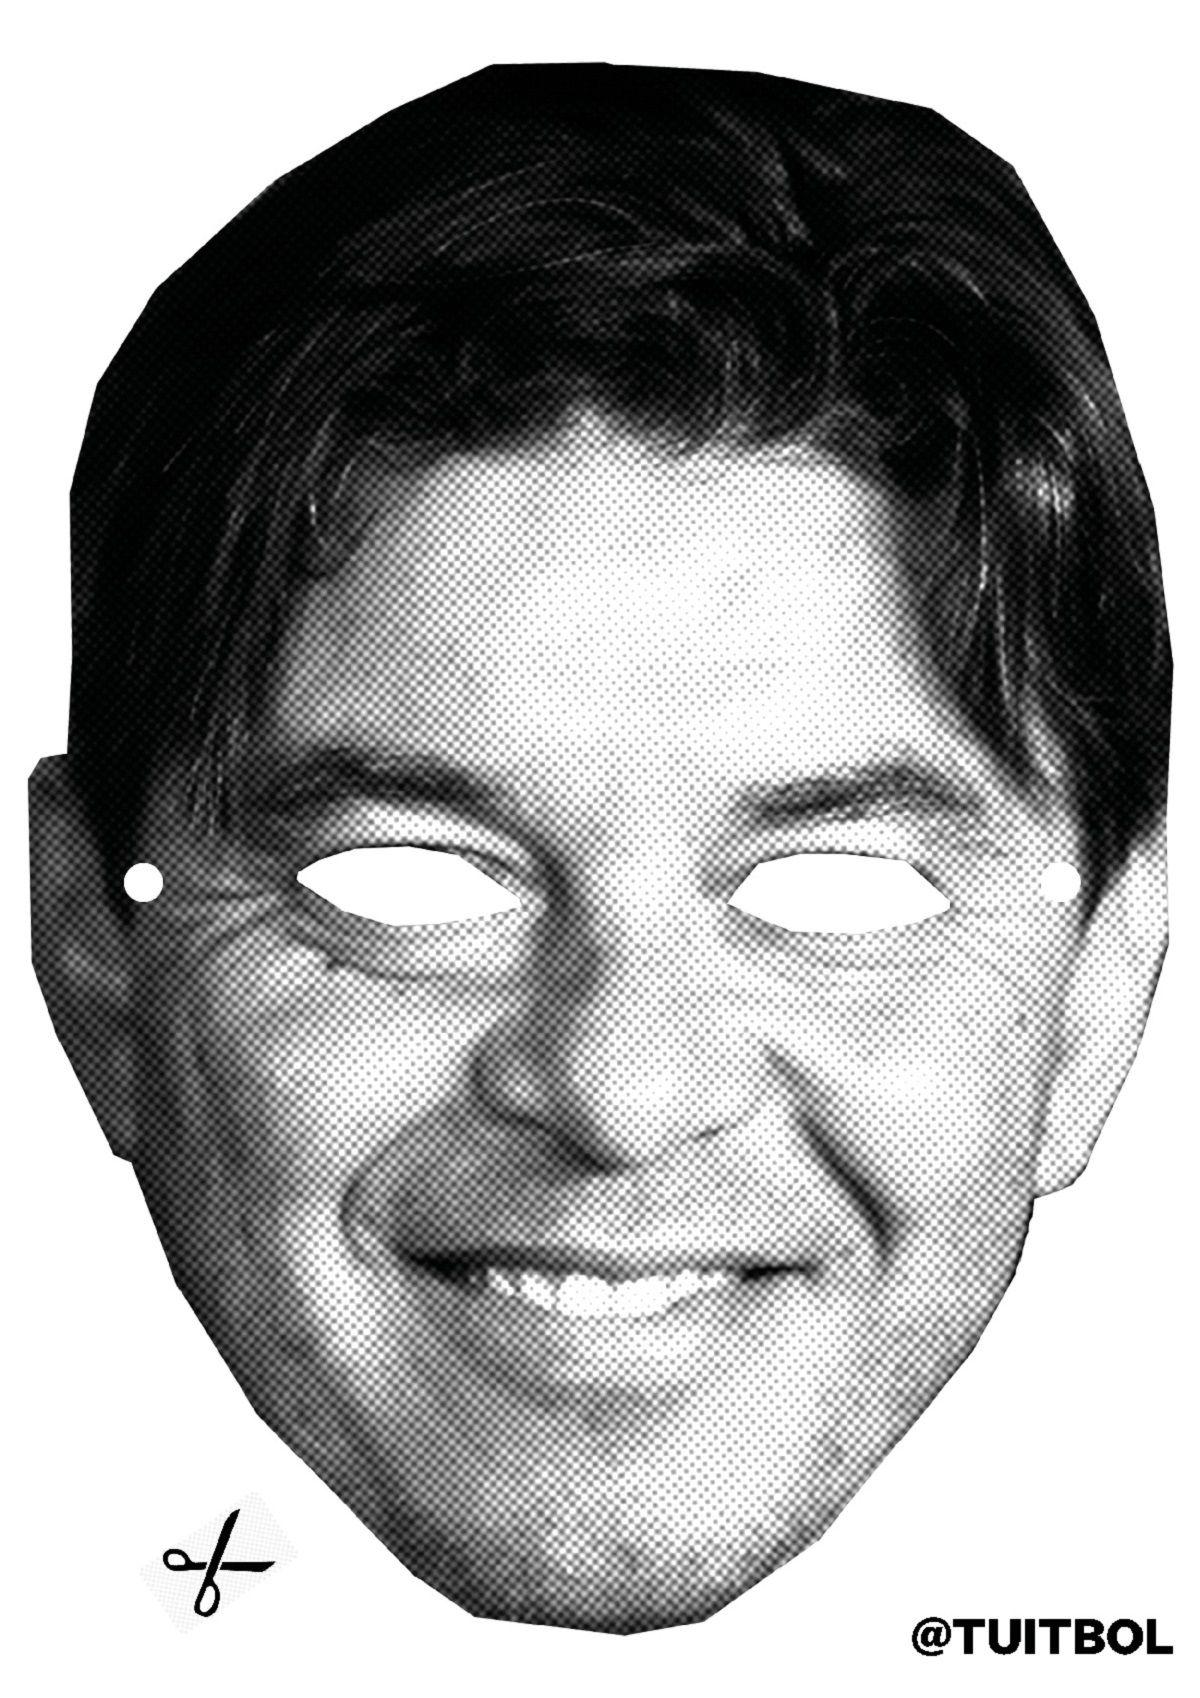 La mascara de Marcelo Gallardo que publicaron en Twitter